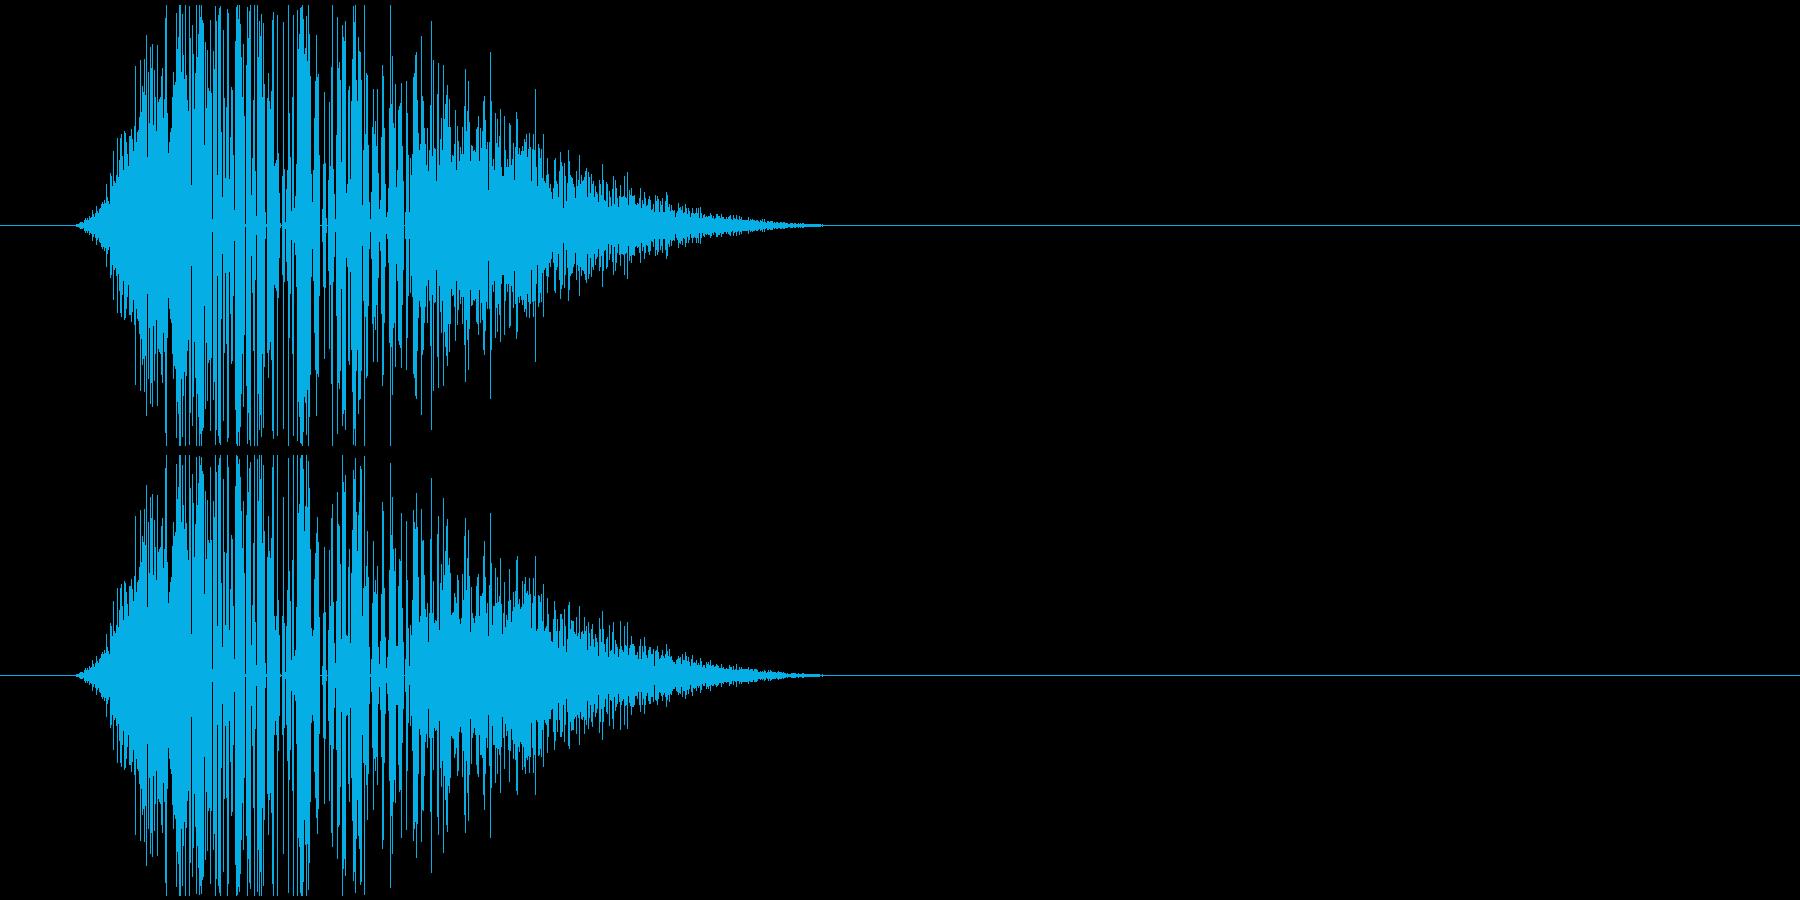 スライディングの再生済みの波形